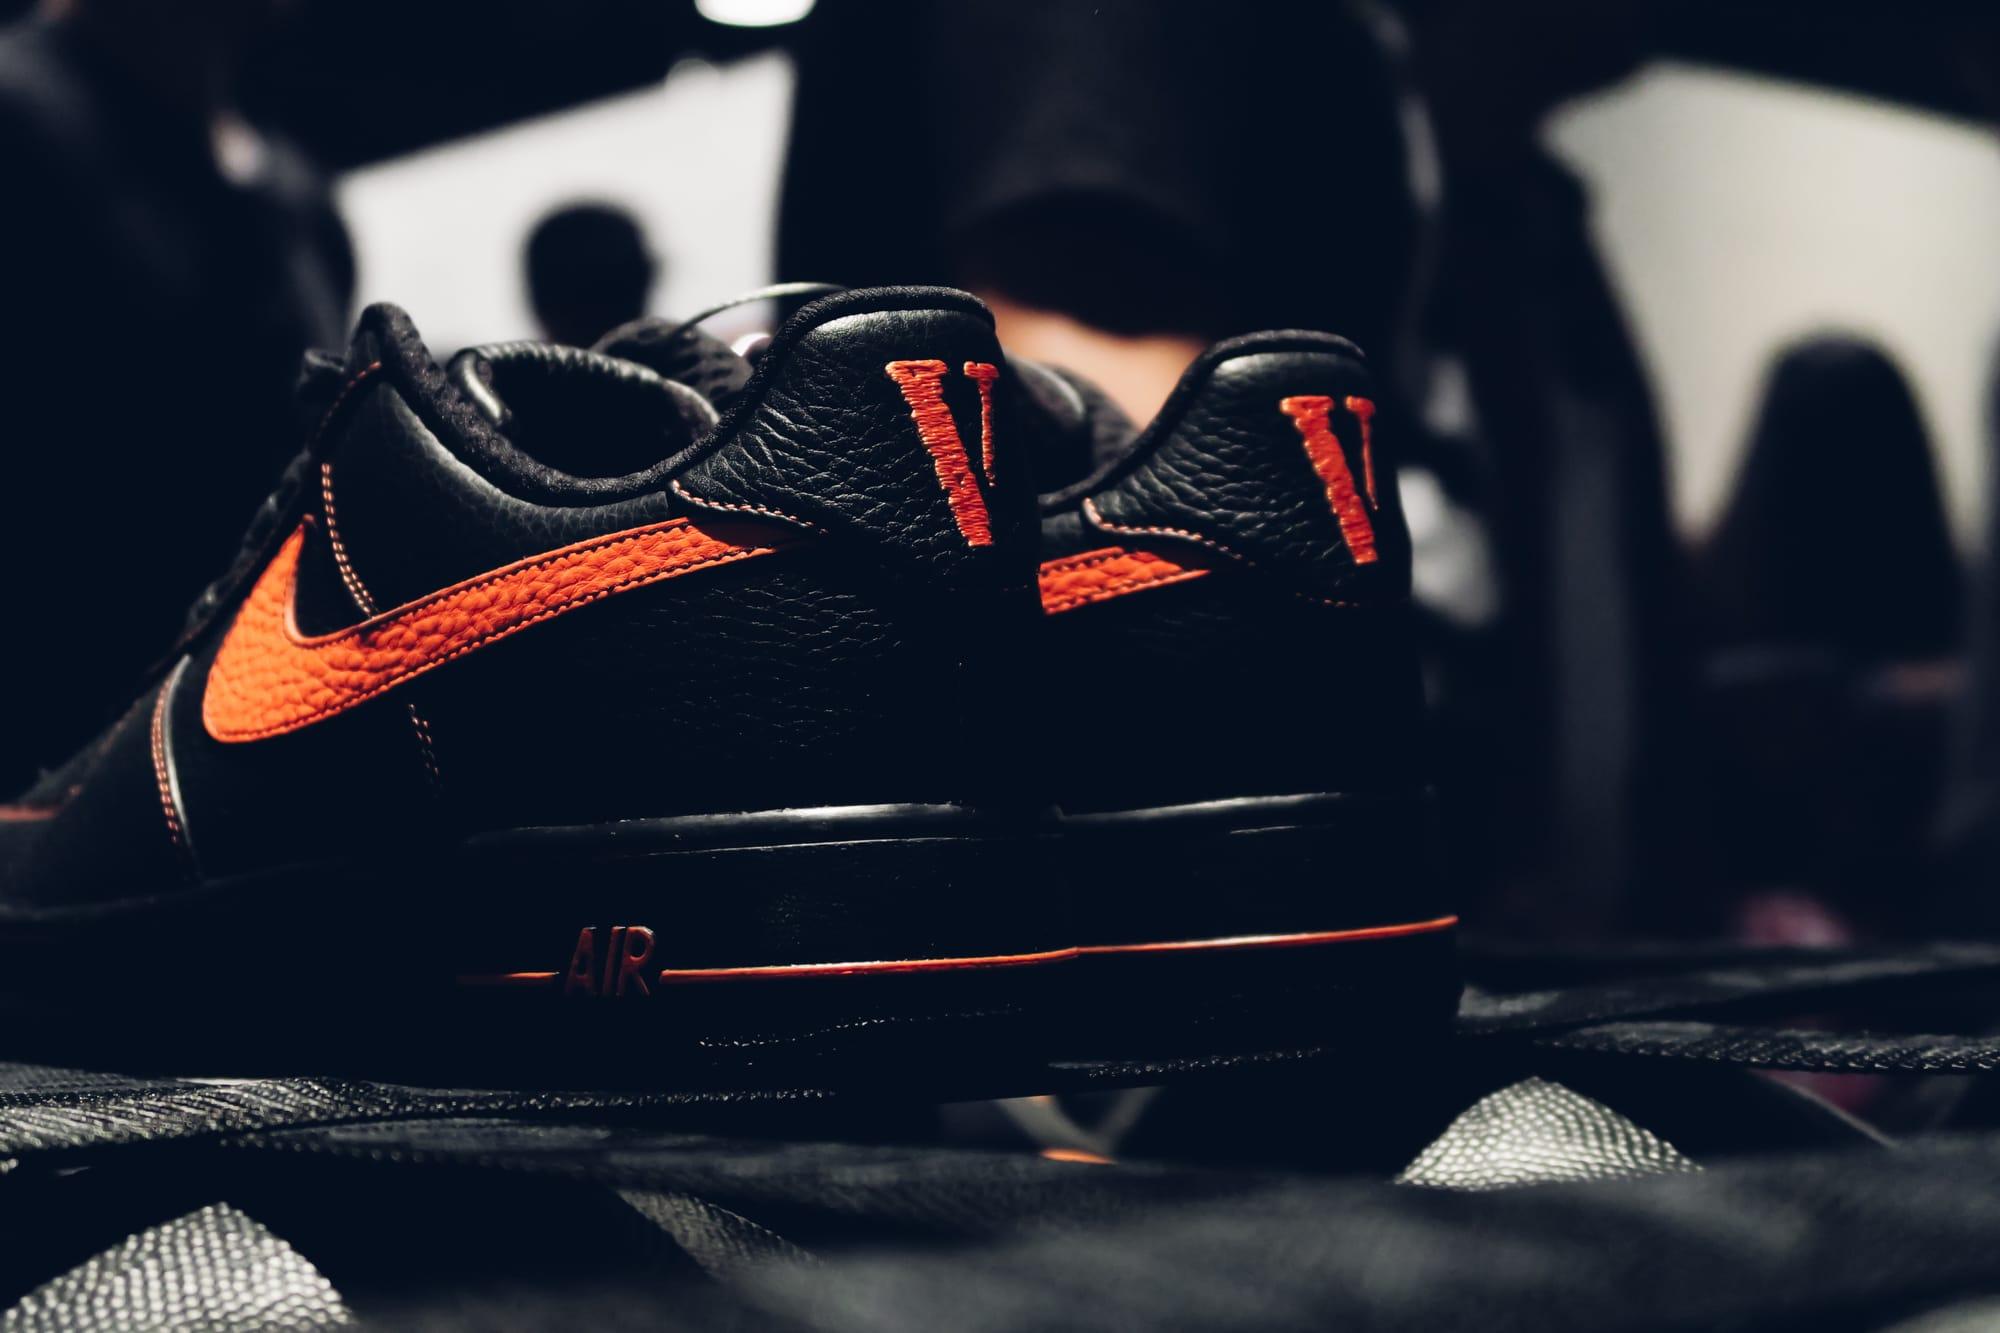 ASAP Bari Vlone Nike Air Force 1